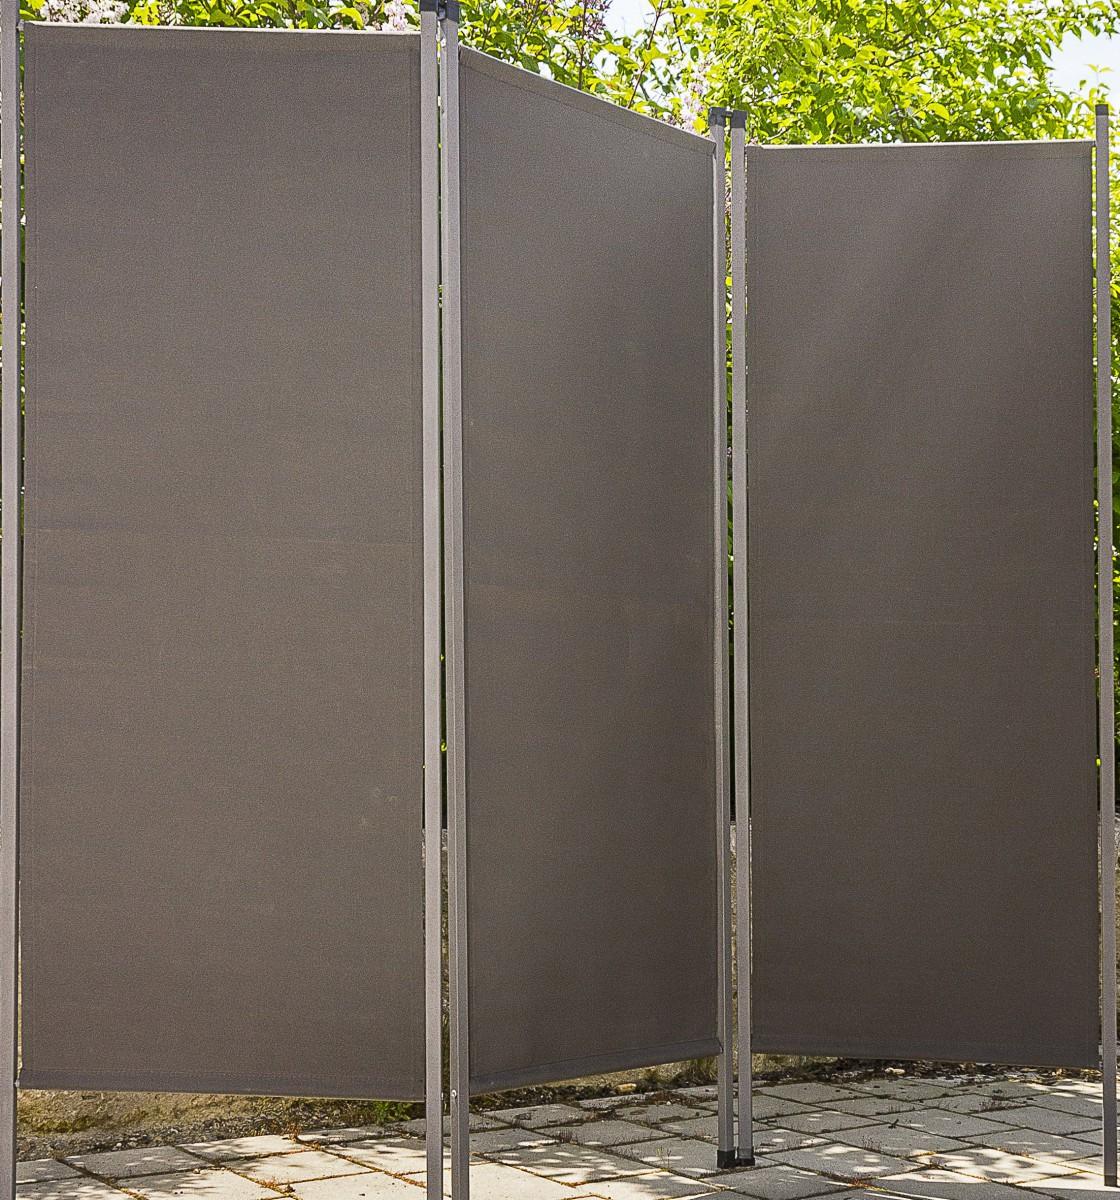 Full Size of Outdoor Paravent Anthrazit Metall Stoff Sichtschutz Windschutz Küche Edelstahl Kaufen Garten Wohnzimmer Outdoor Paravent